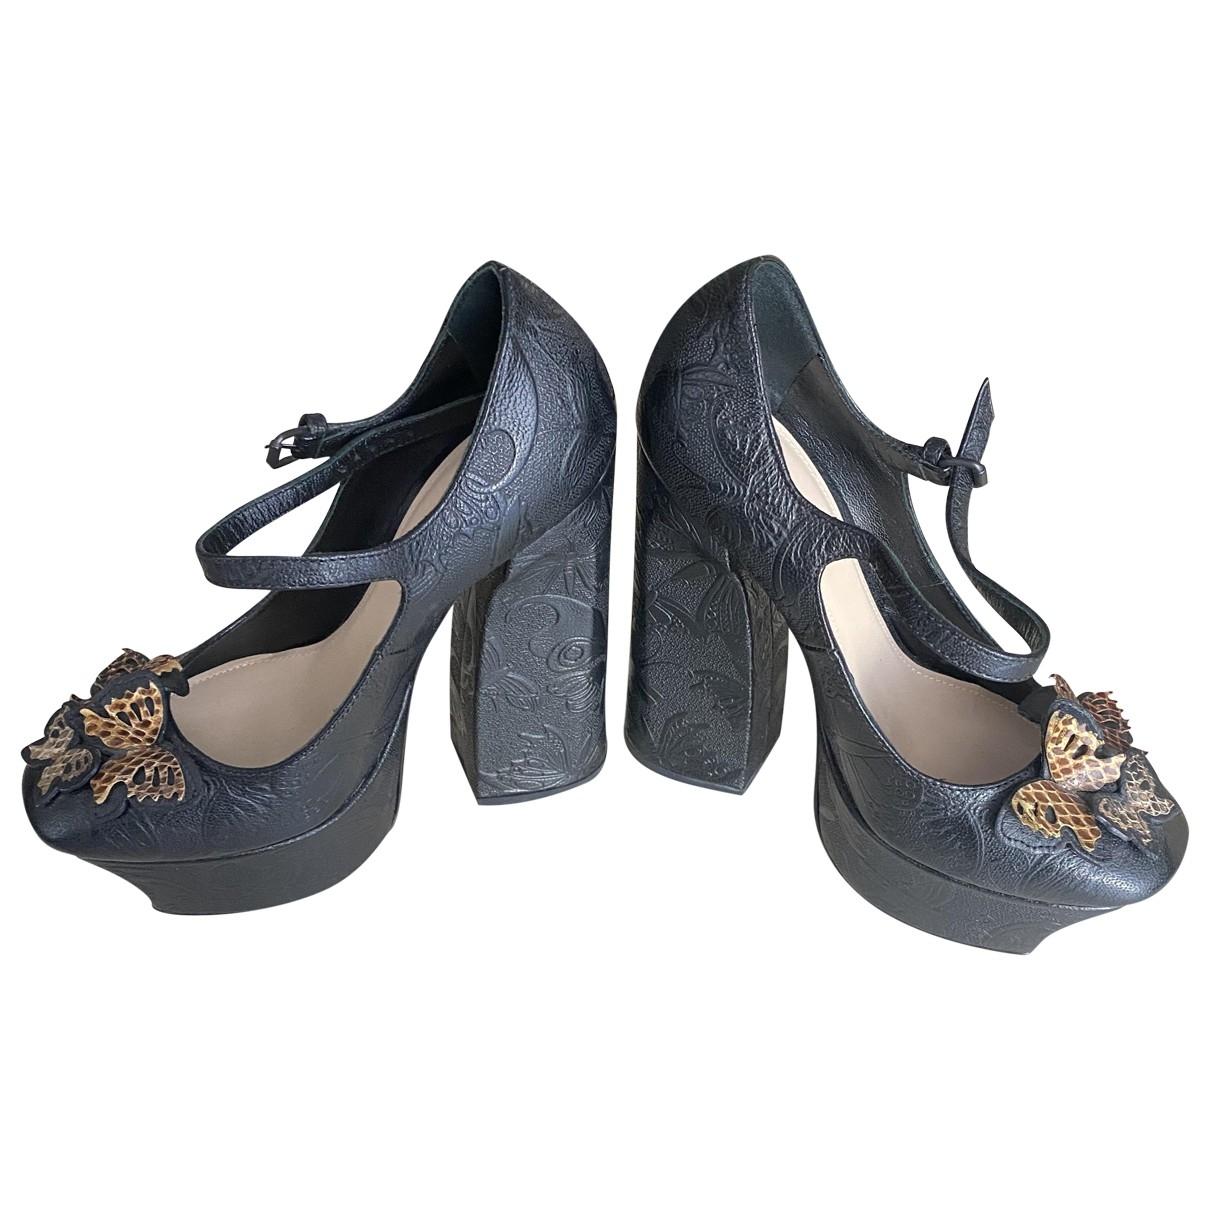 Bottega Veneta - Escarpins   pour femme en cuir - gris